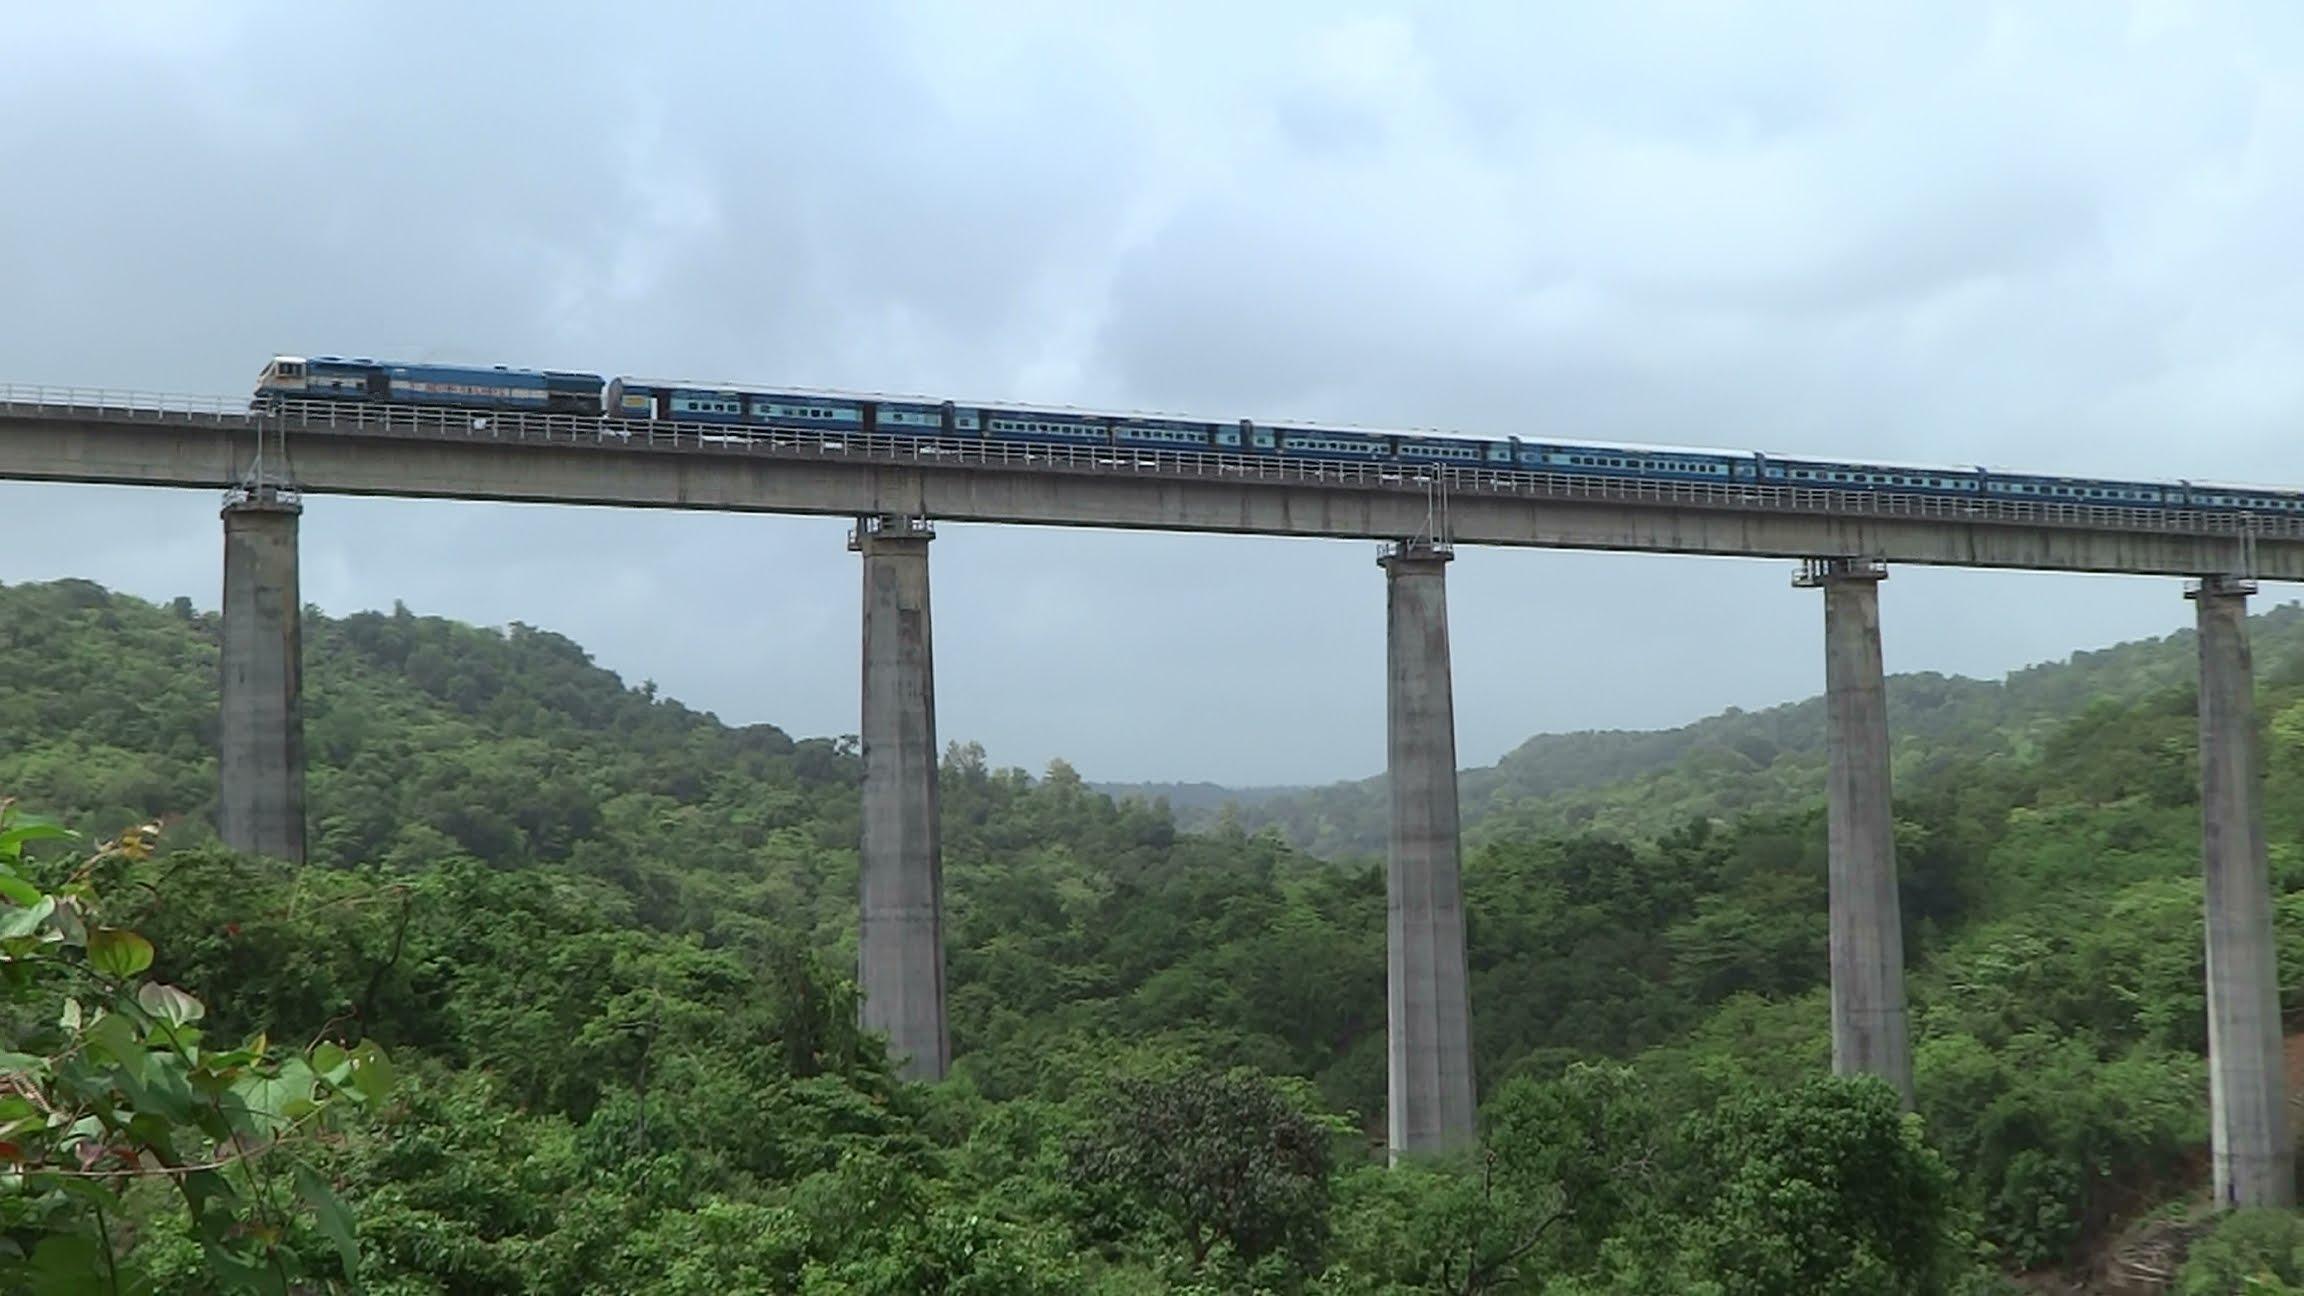 Train railway bridge photo